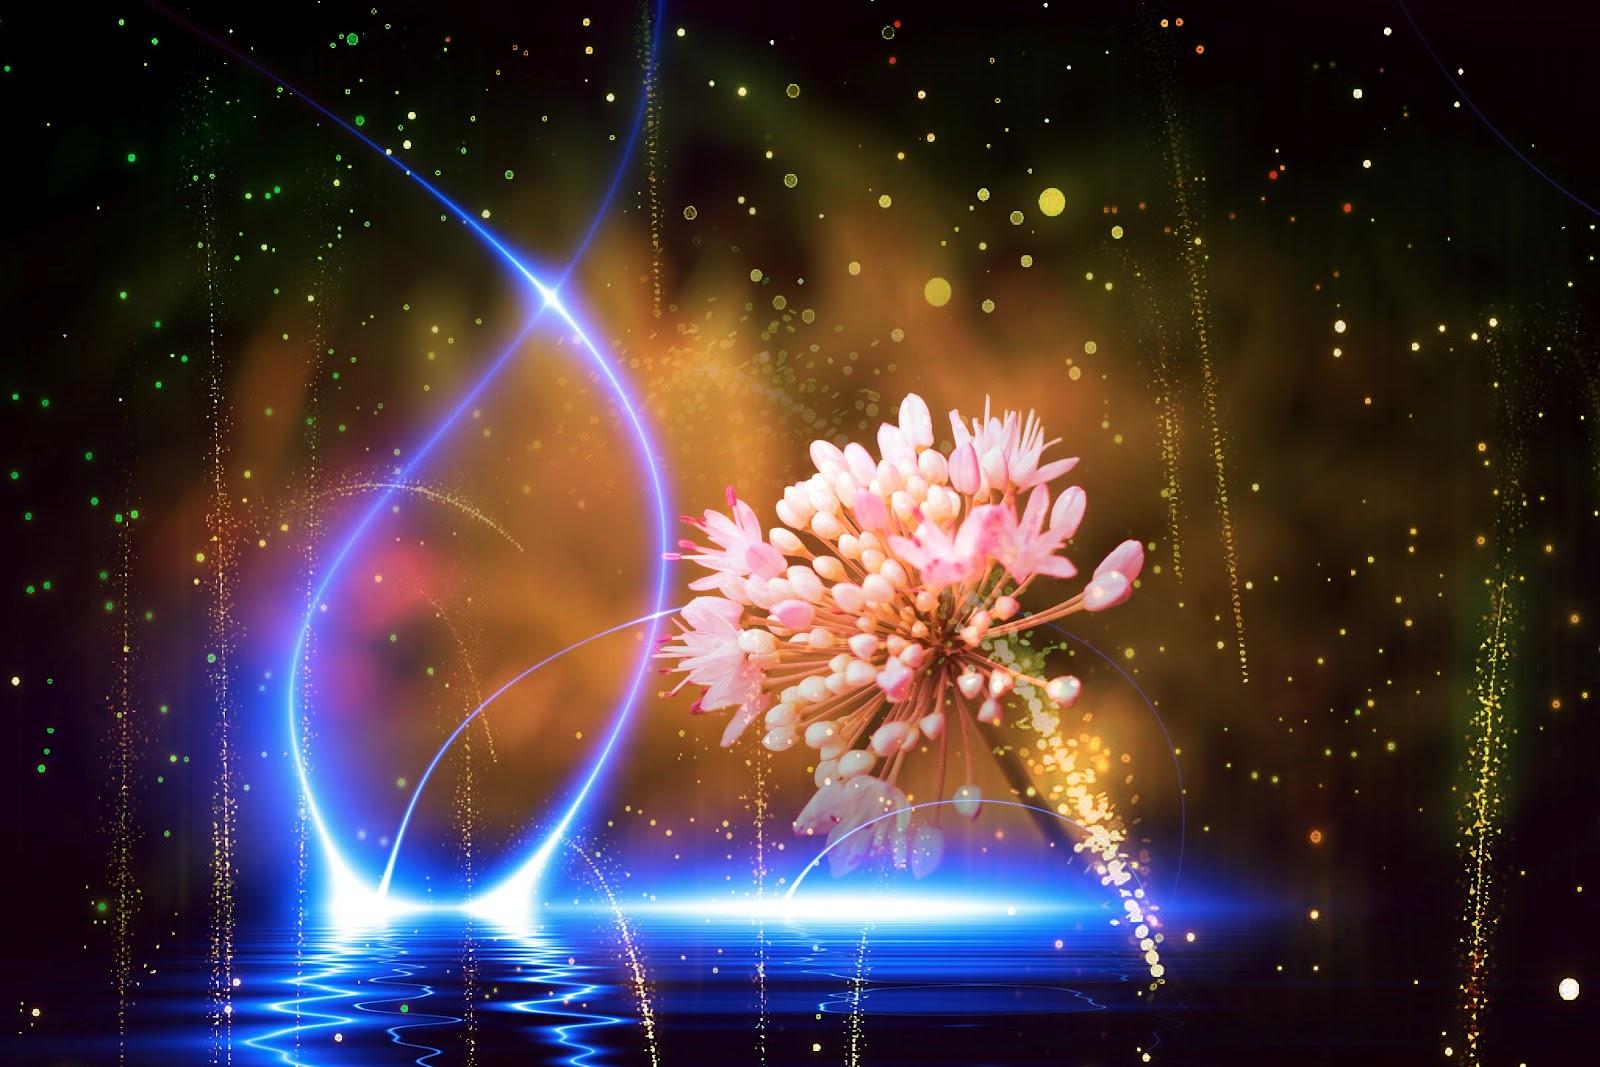 ===La magia se siente, se vive...=== Pic1